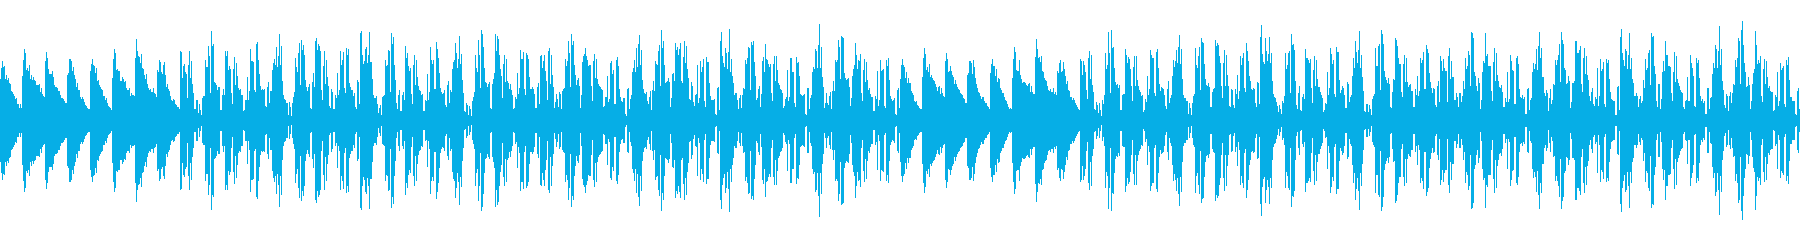 ローファイ・トークを邪魔しないヒーリングの再生済みの波形